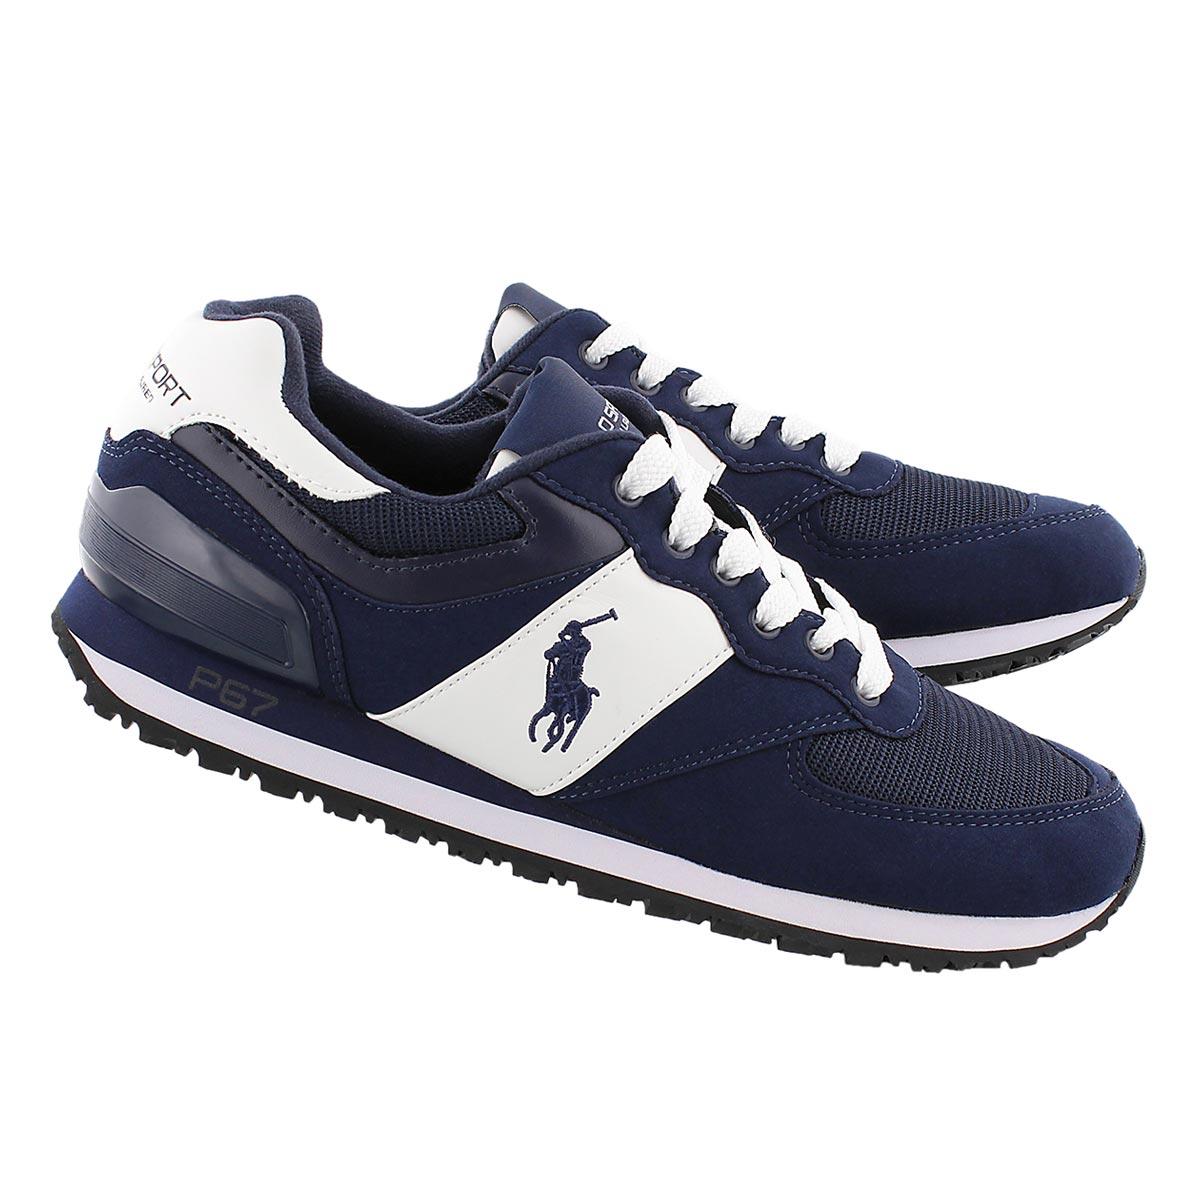 Mns Slaton Pony navy lace up sneaker